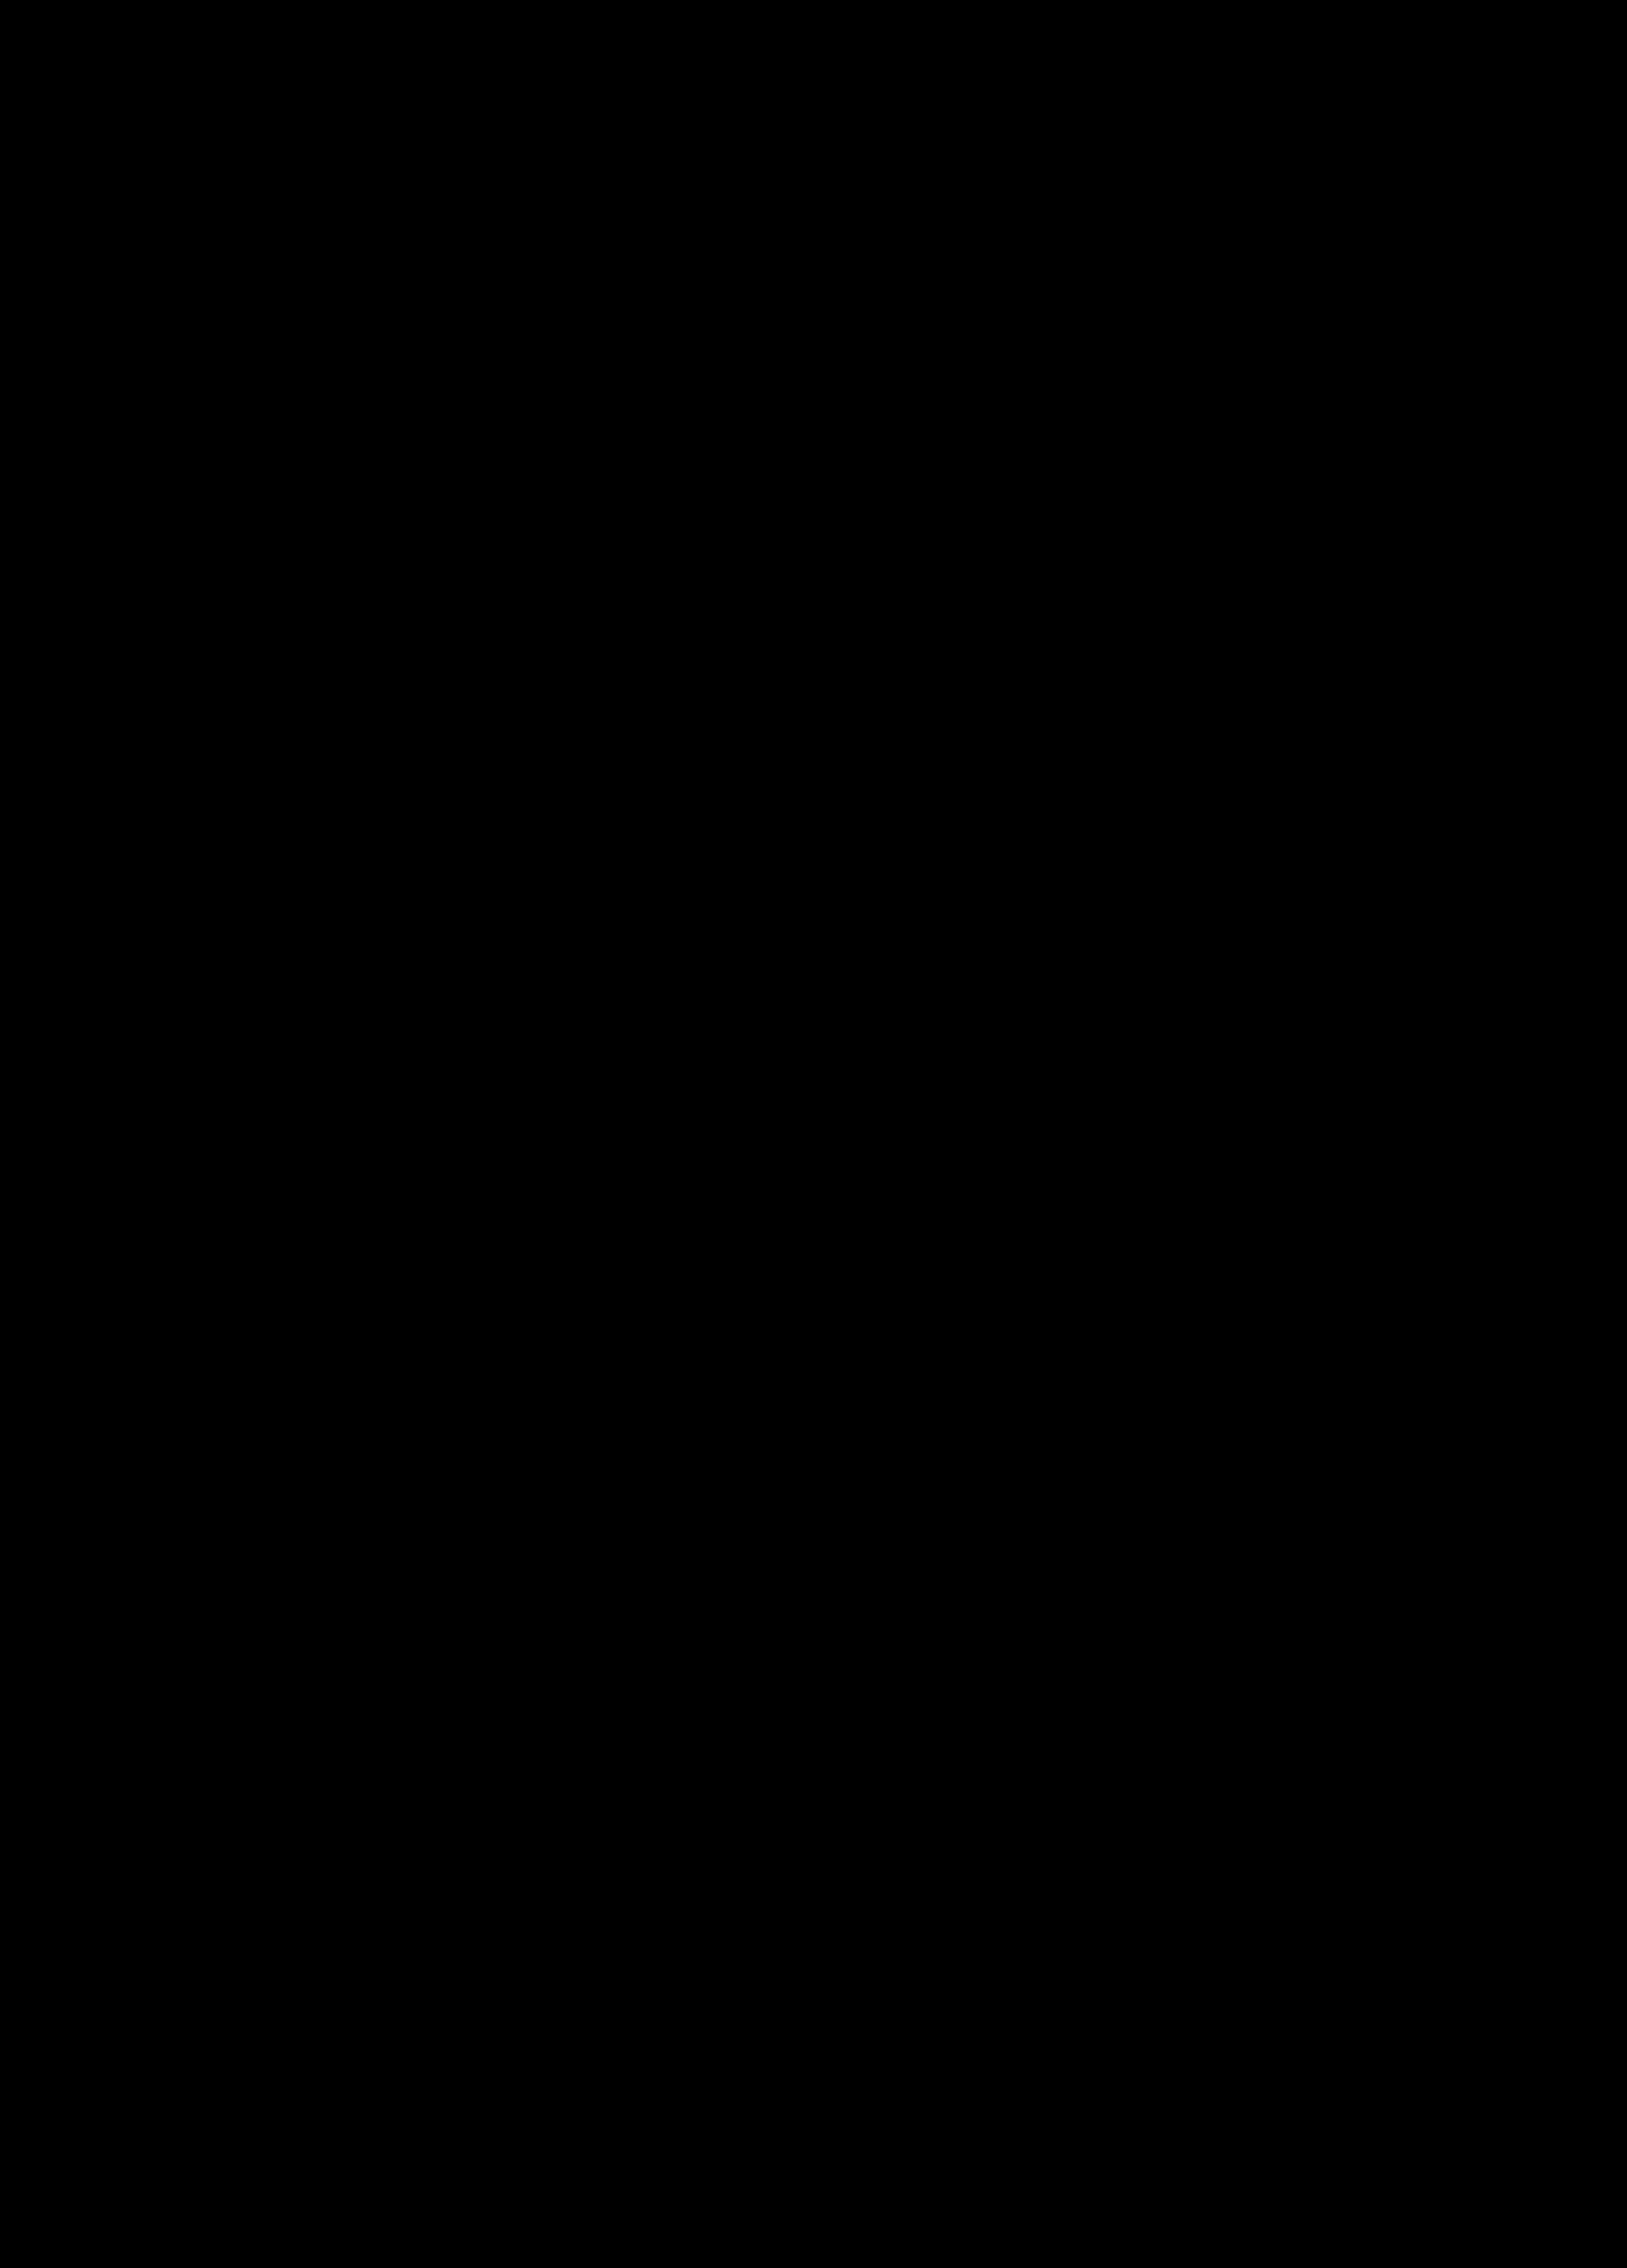 لوحات (بوسترات) كيميائية (2) - خطر إضافة الماء إلى الحمض